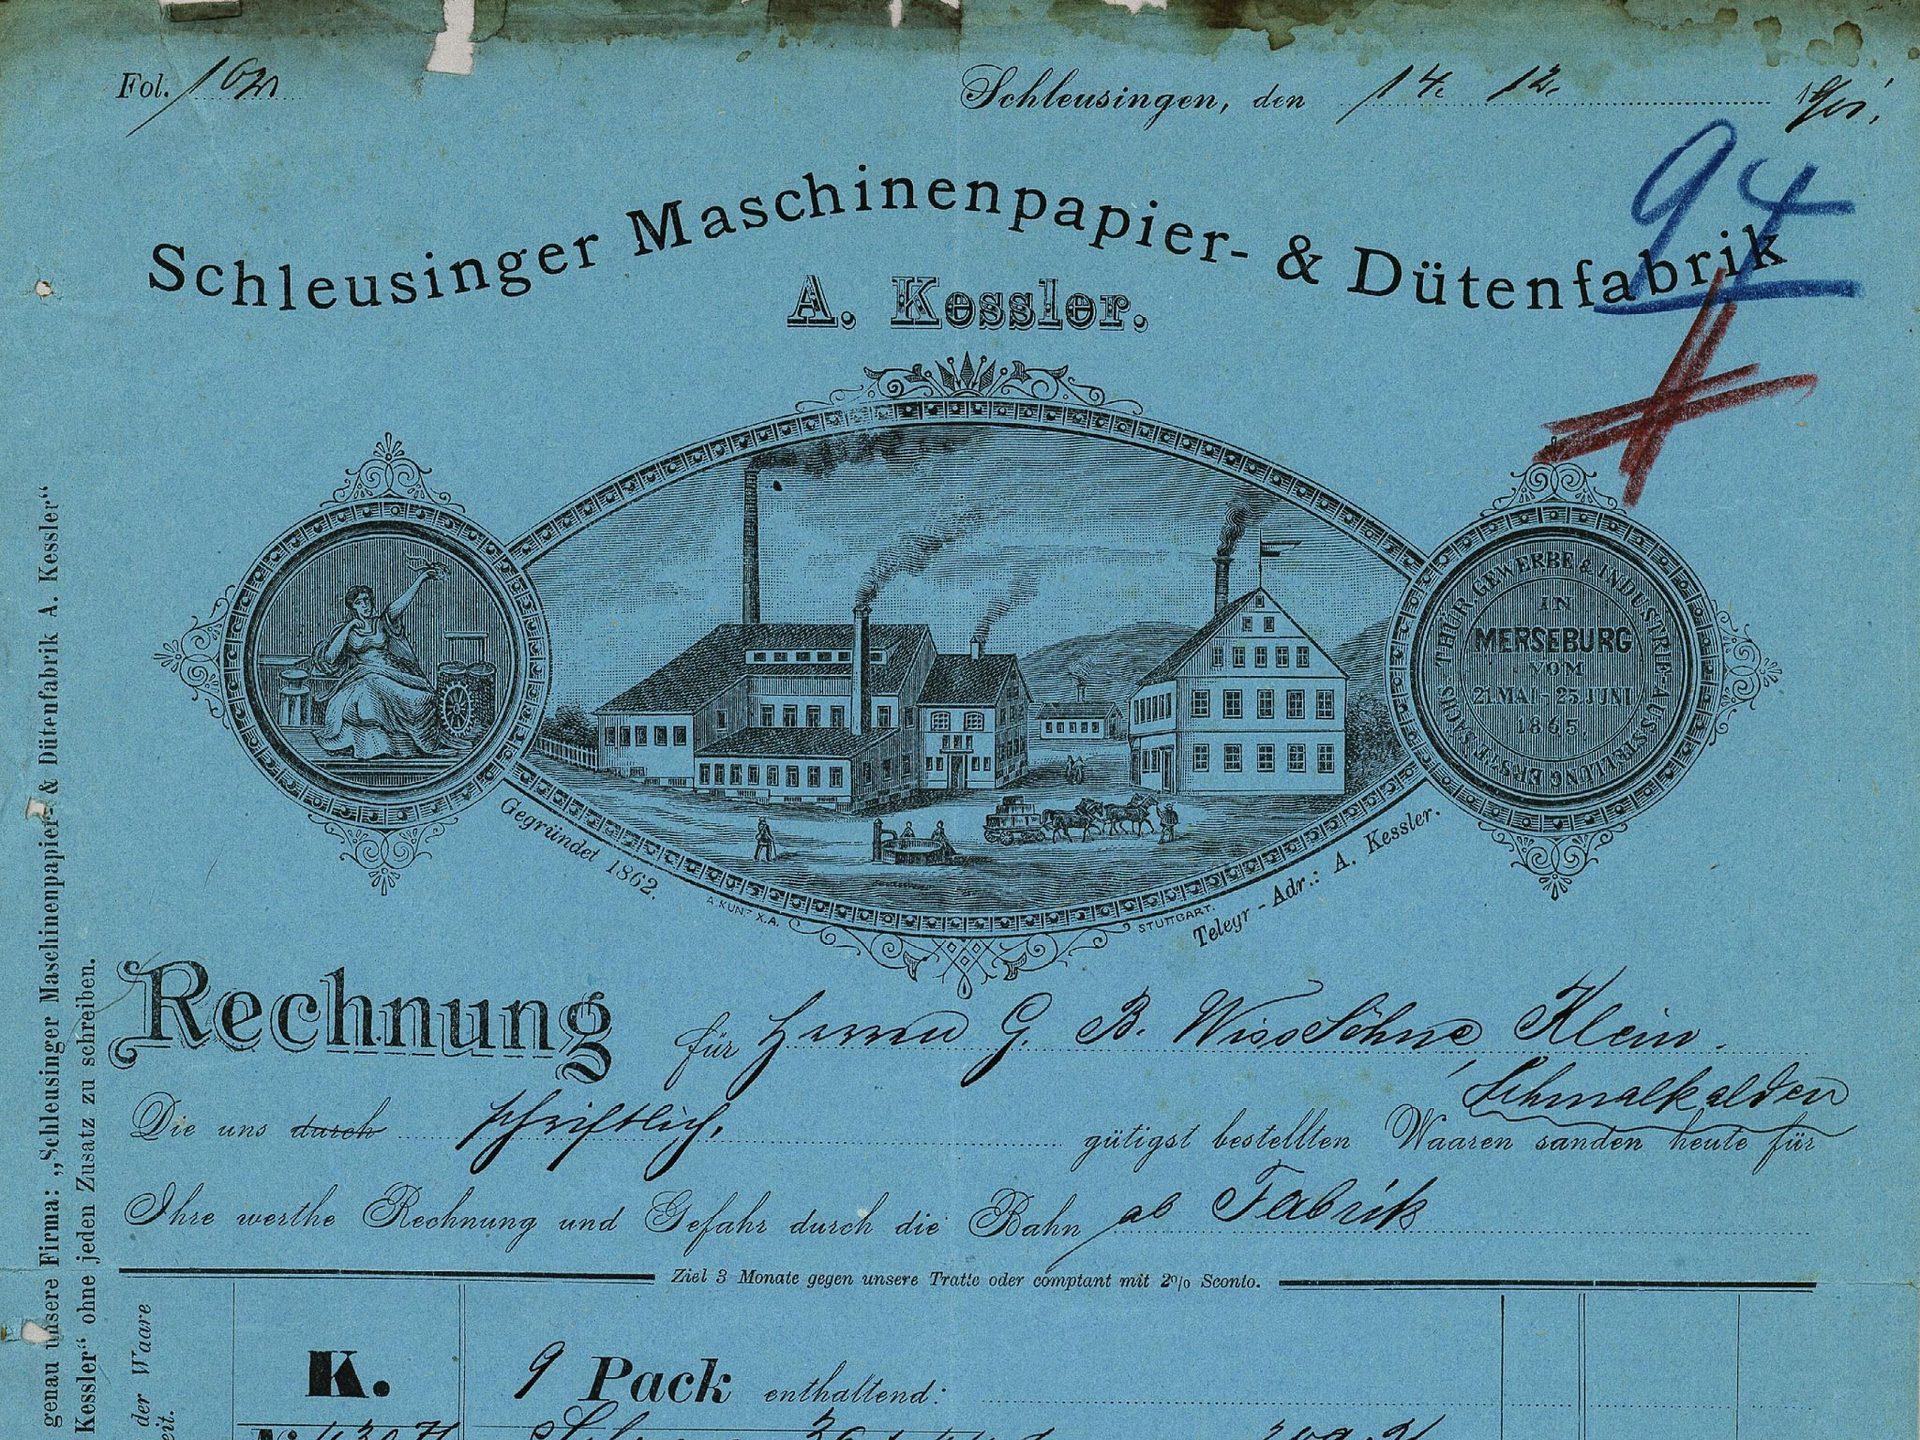 Rechnungsformular einer Maschinenpapier- und Tütenfabrik